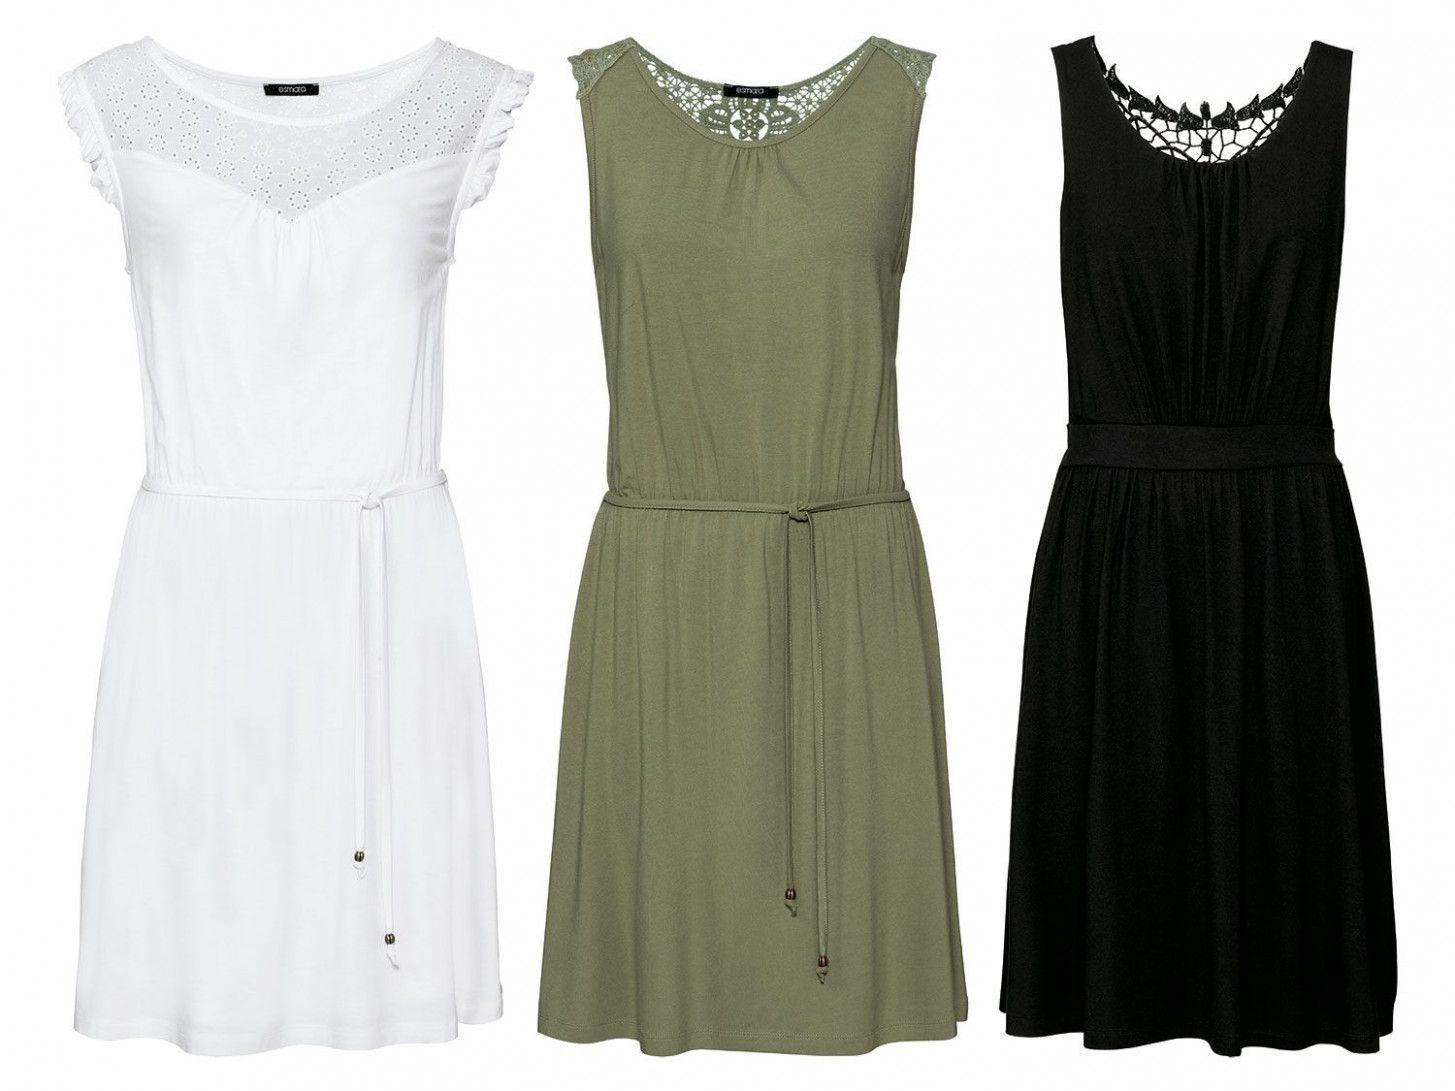 18 Schickes Kleid Damen in 18  Schicke kleider, Kleider